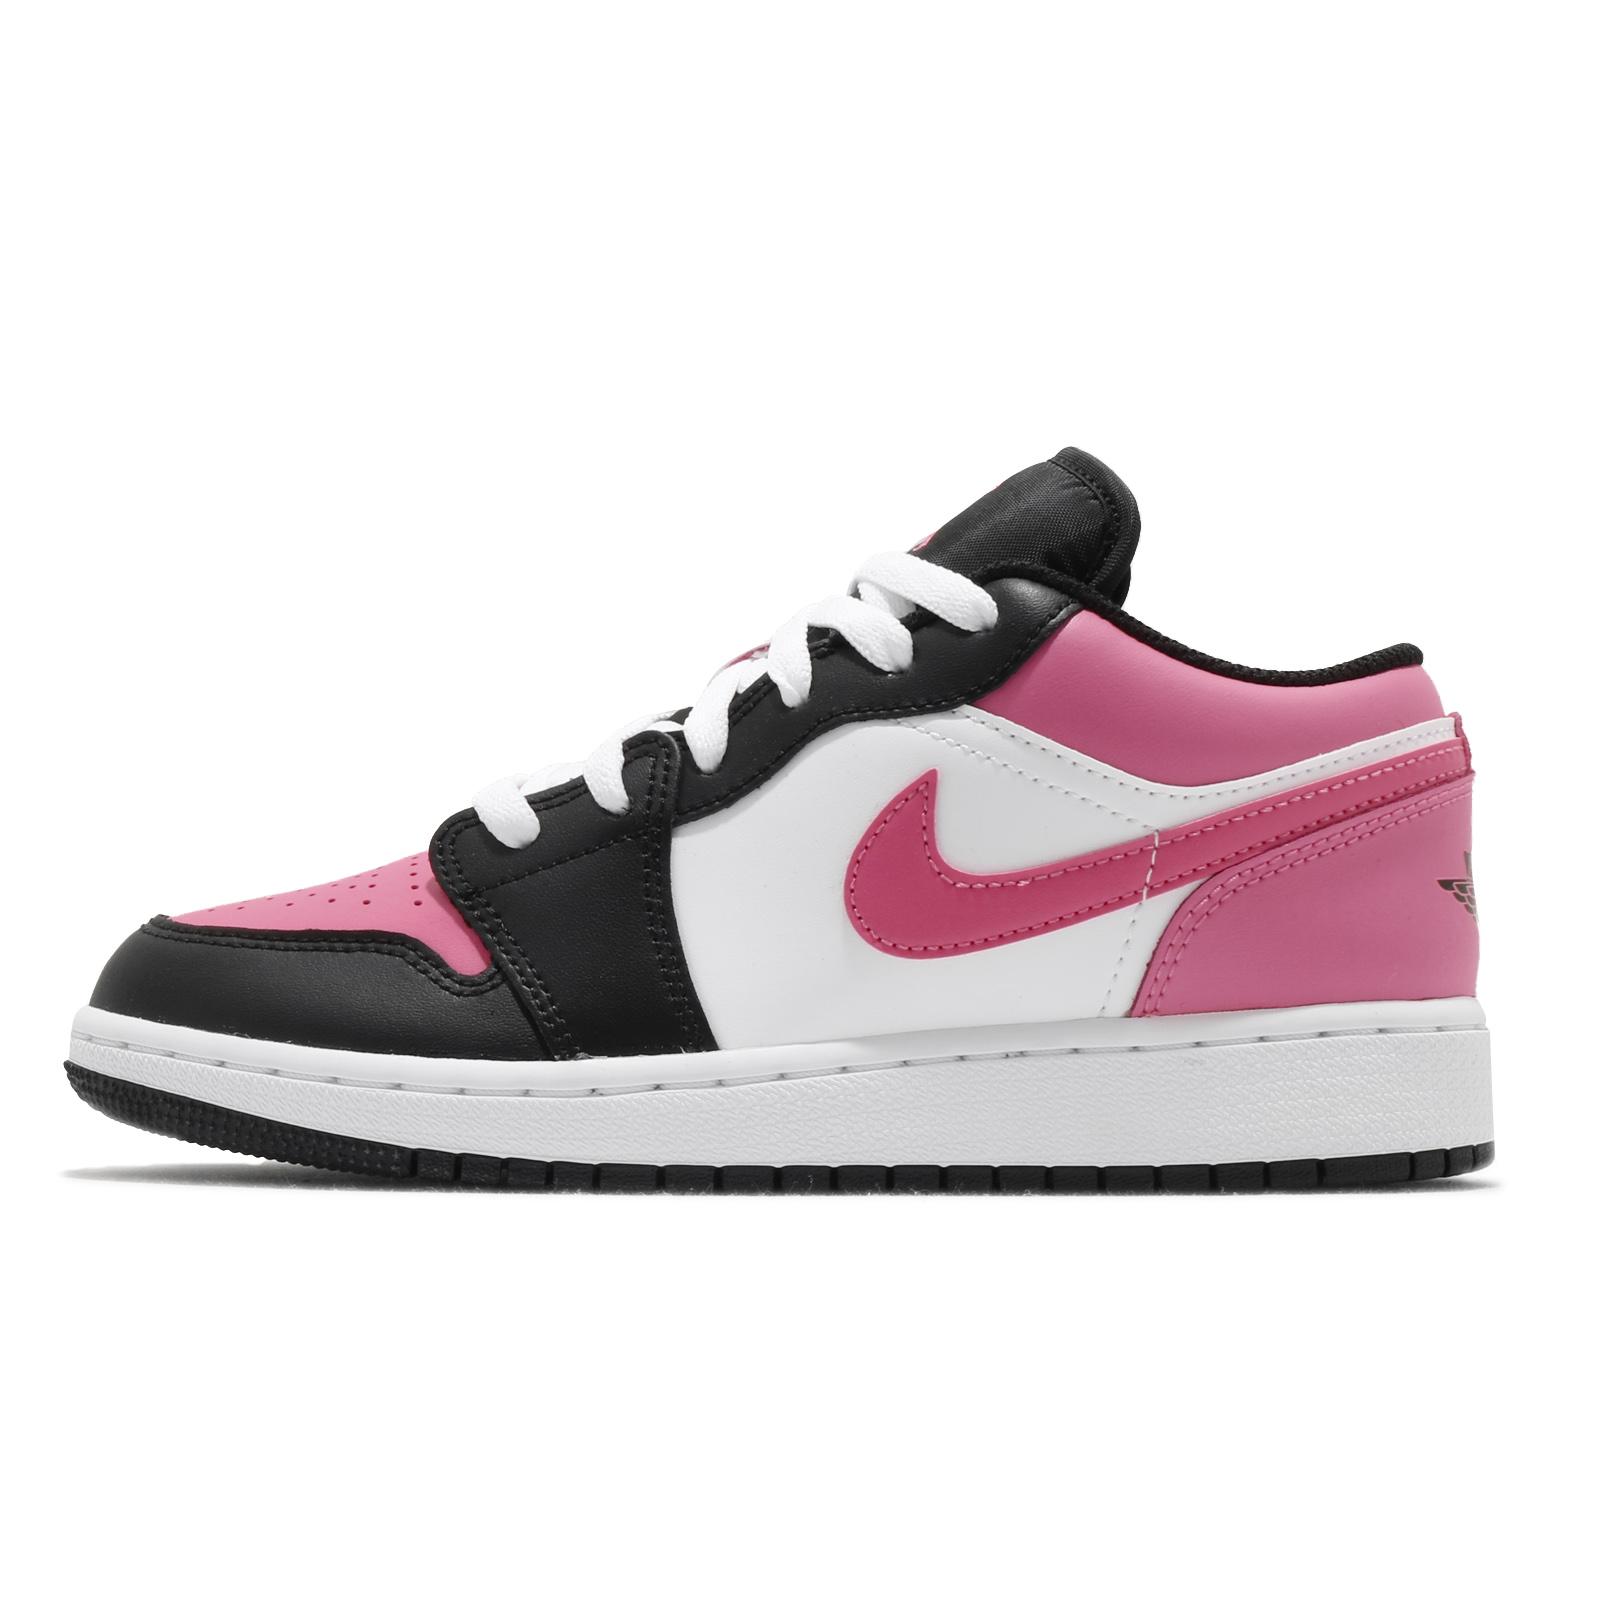 Nike Air Jordan 1 Low GS 黑 白 粉紅 低筒 喬丹 1代 女鞋 【ACS】 554723-106